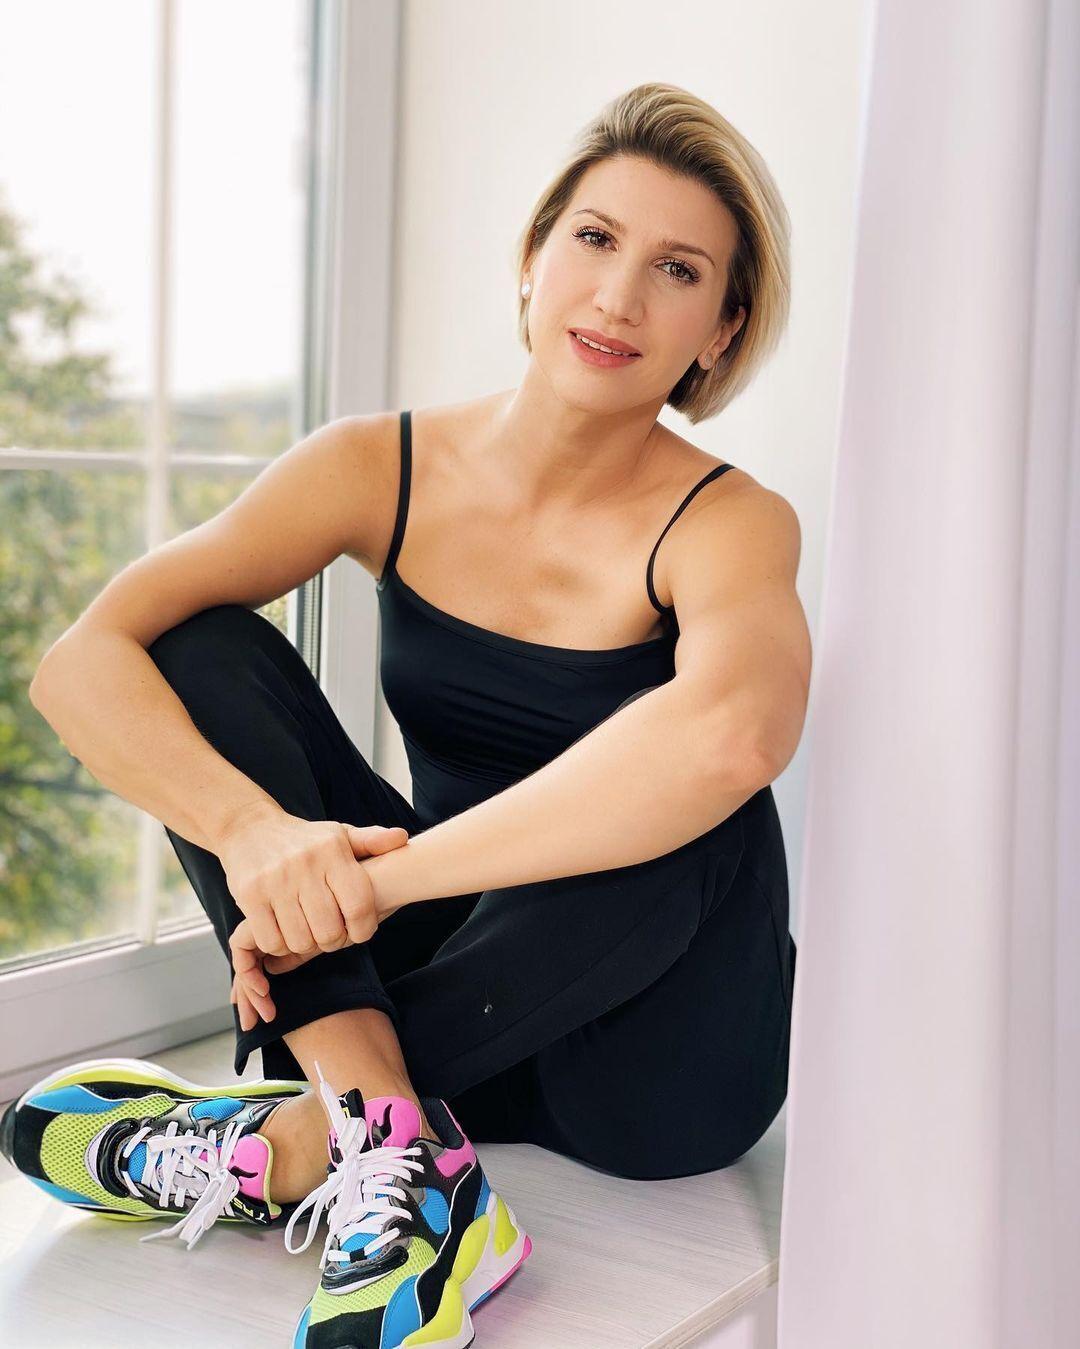 Анита Луценко во время фотосессии.